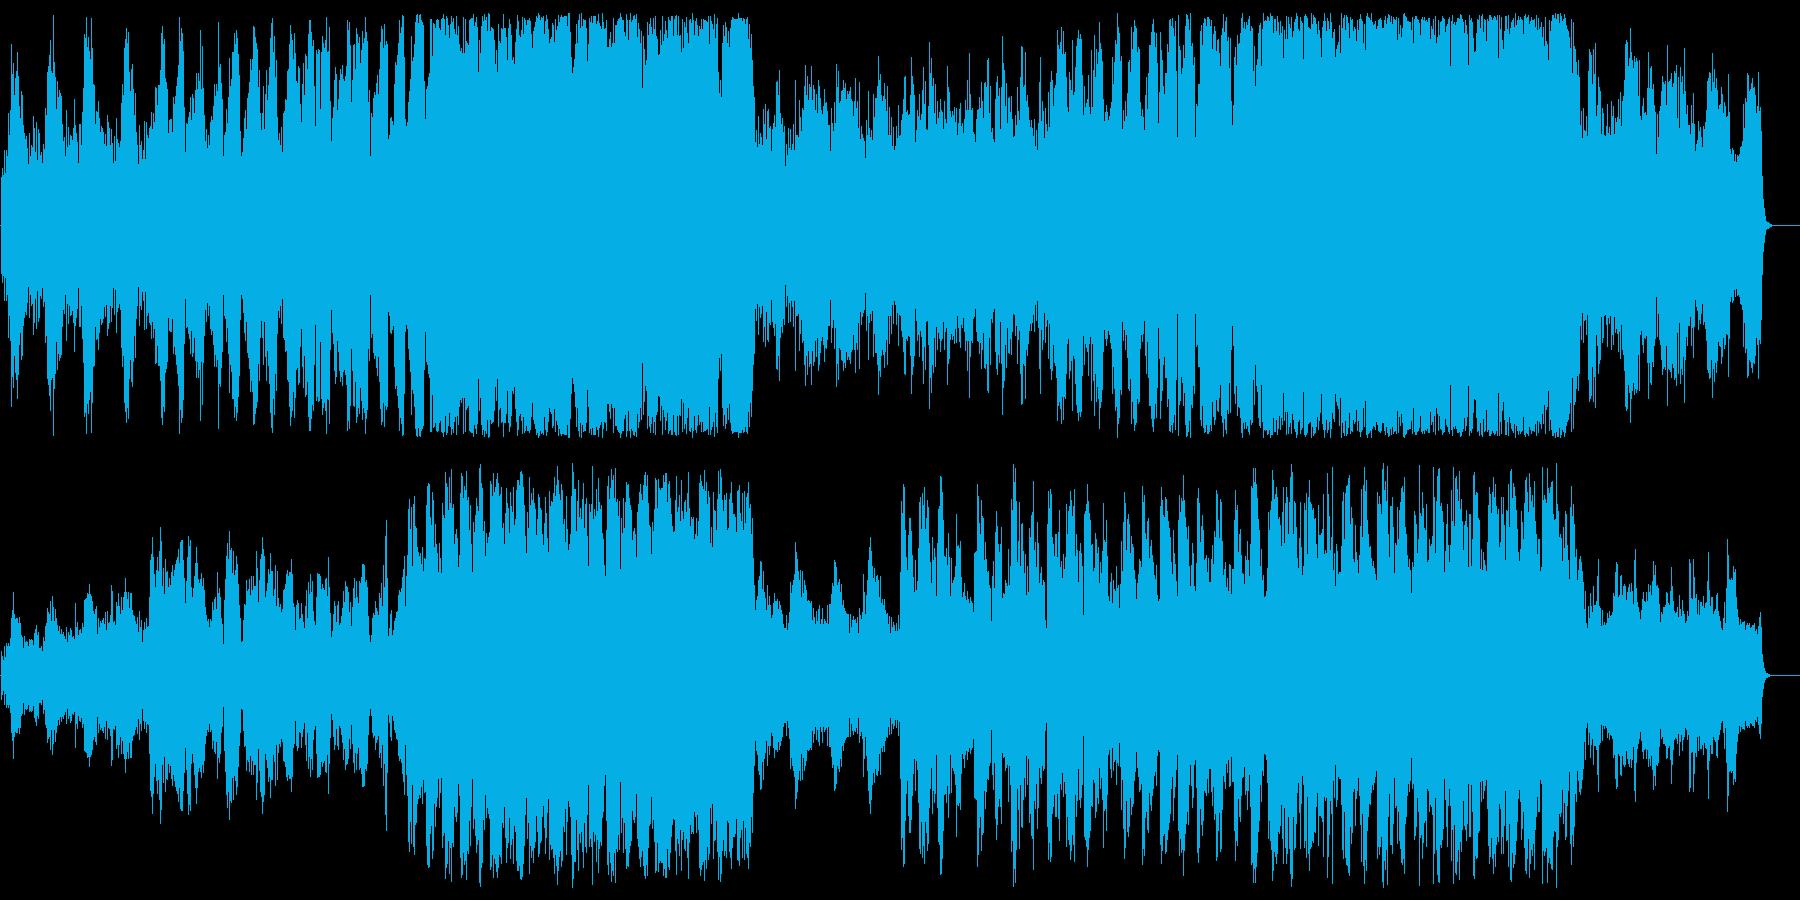 緩やかで不思議なスピリチュアルサウンドの再生済みの波形